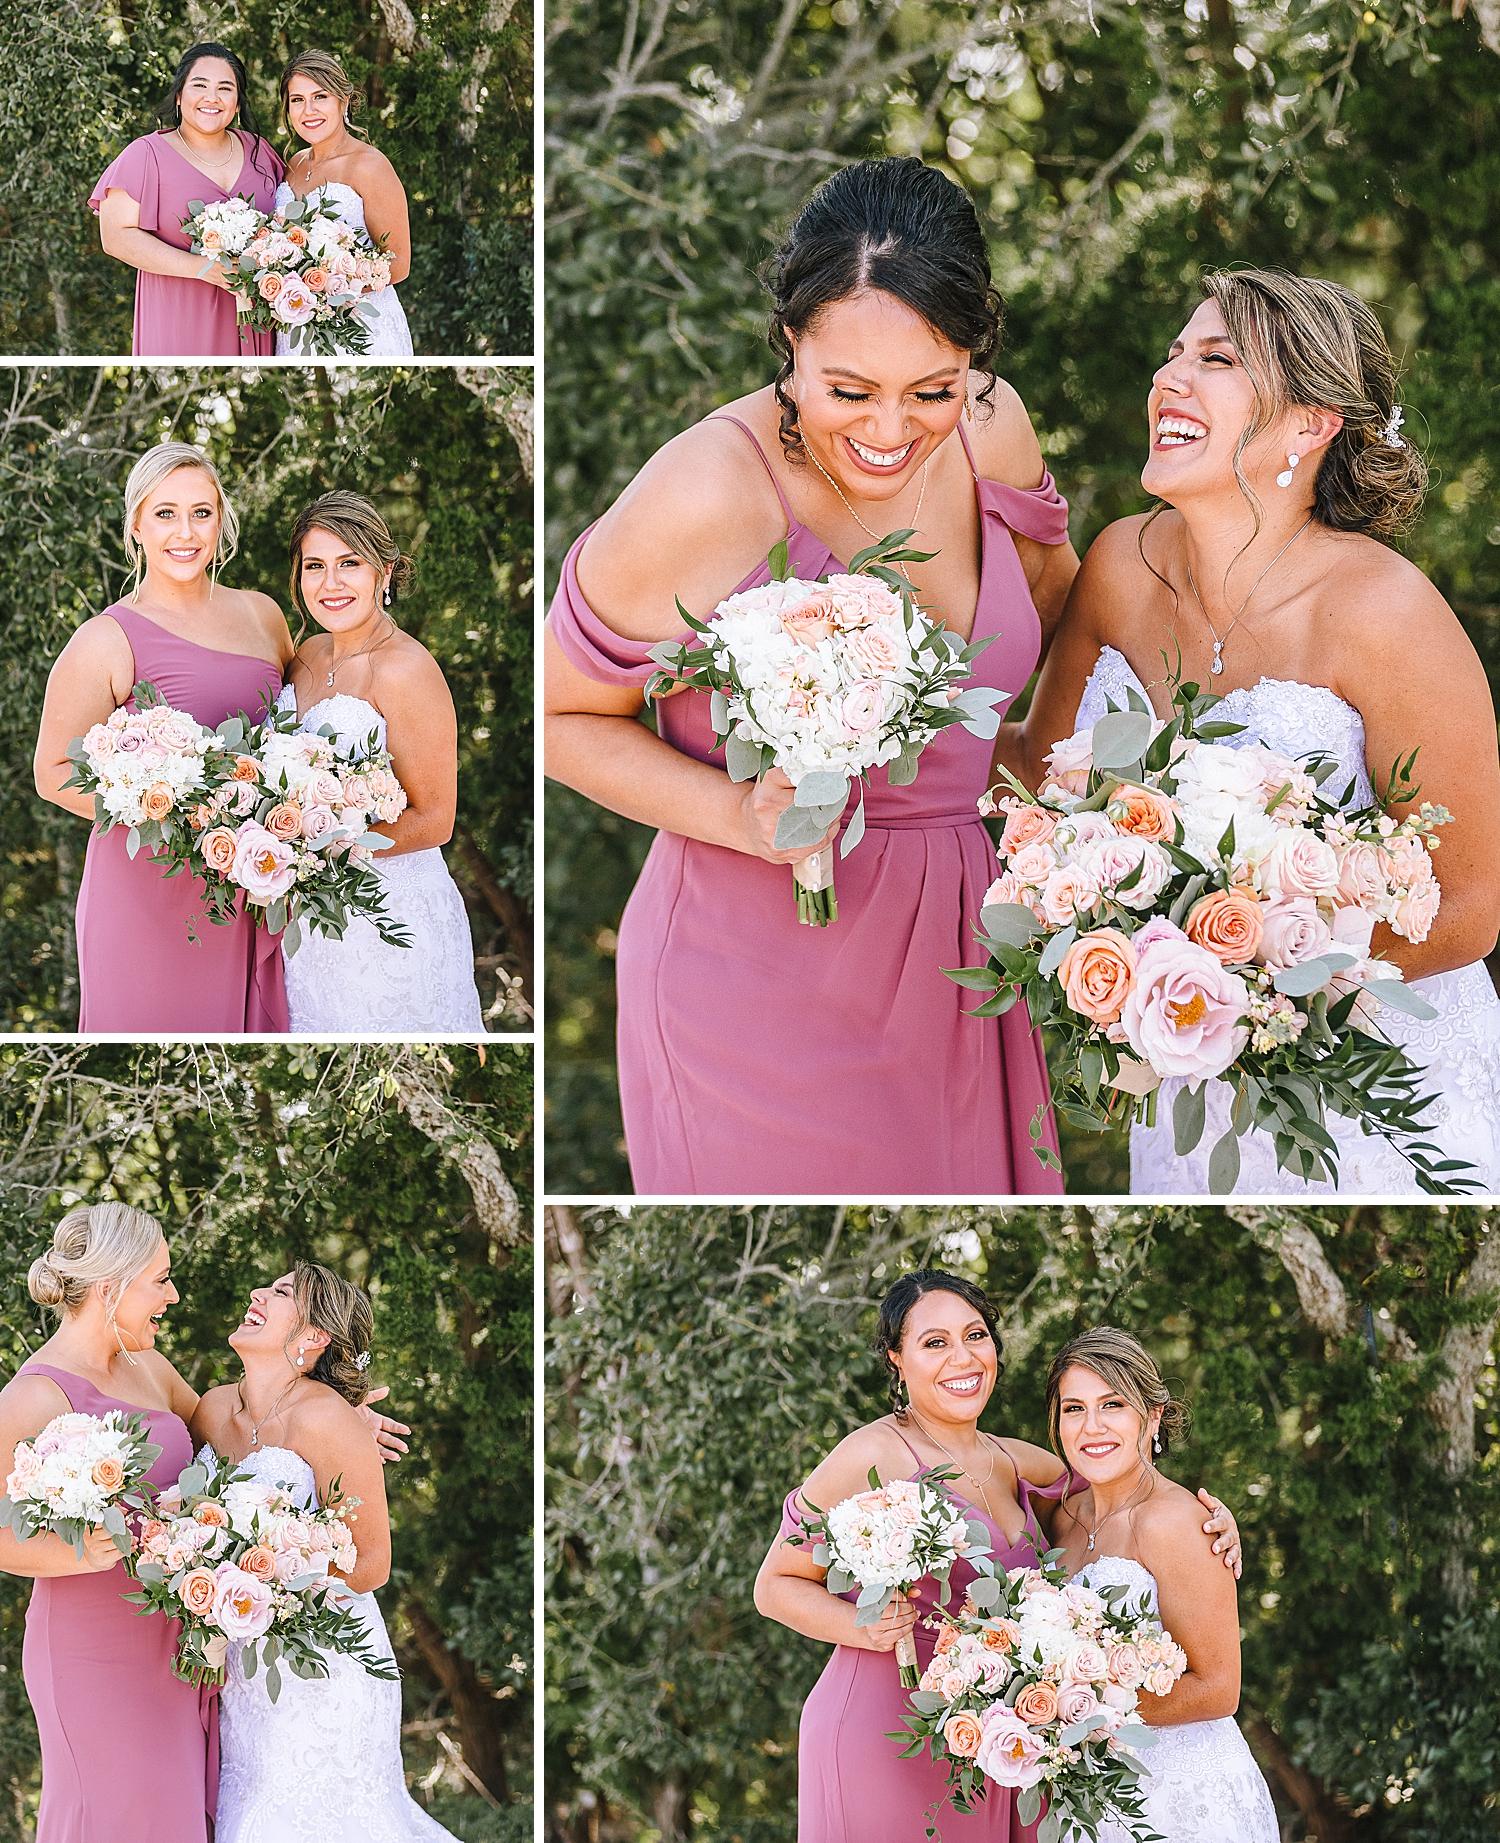 Carly-Barton-Photography-The-Villa-at-Cielo-Vista-Blush-Gold-White-Wedding-Photos_0127.jpg